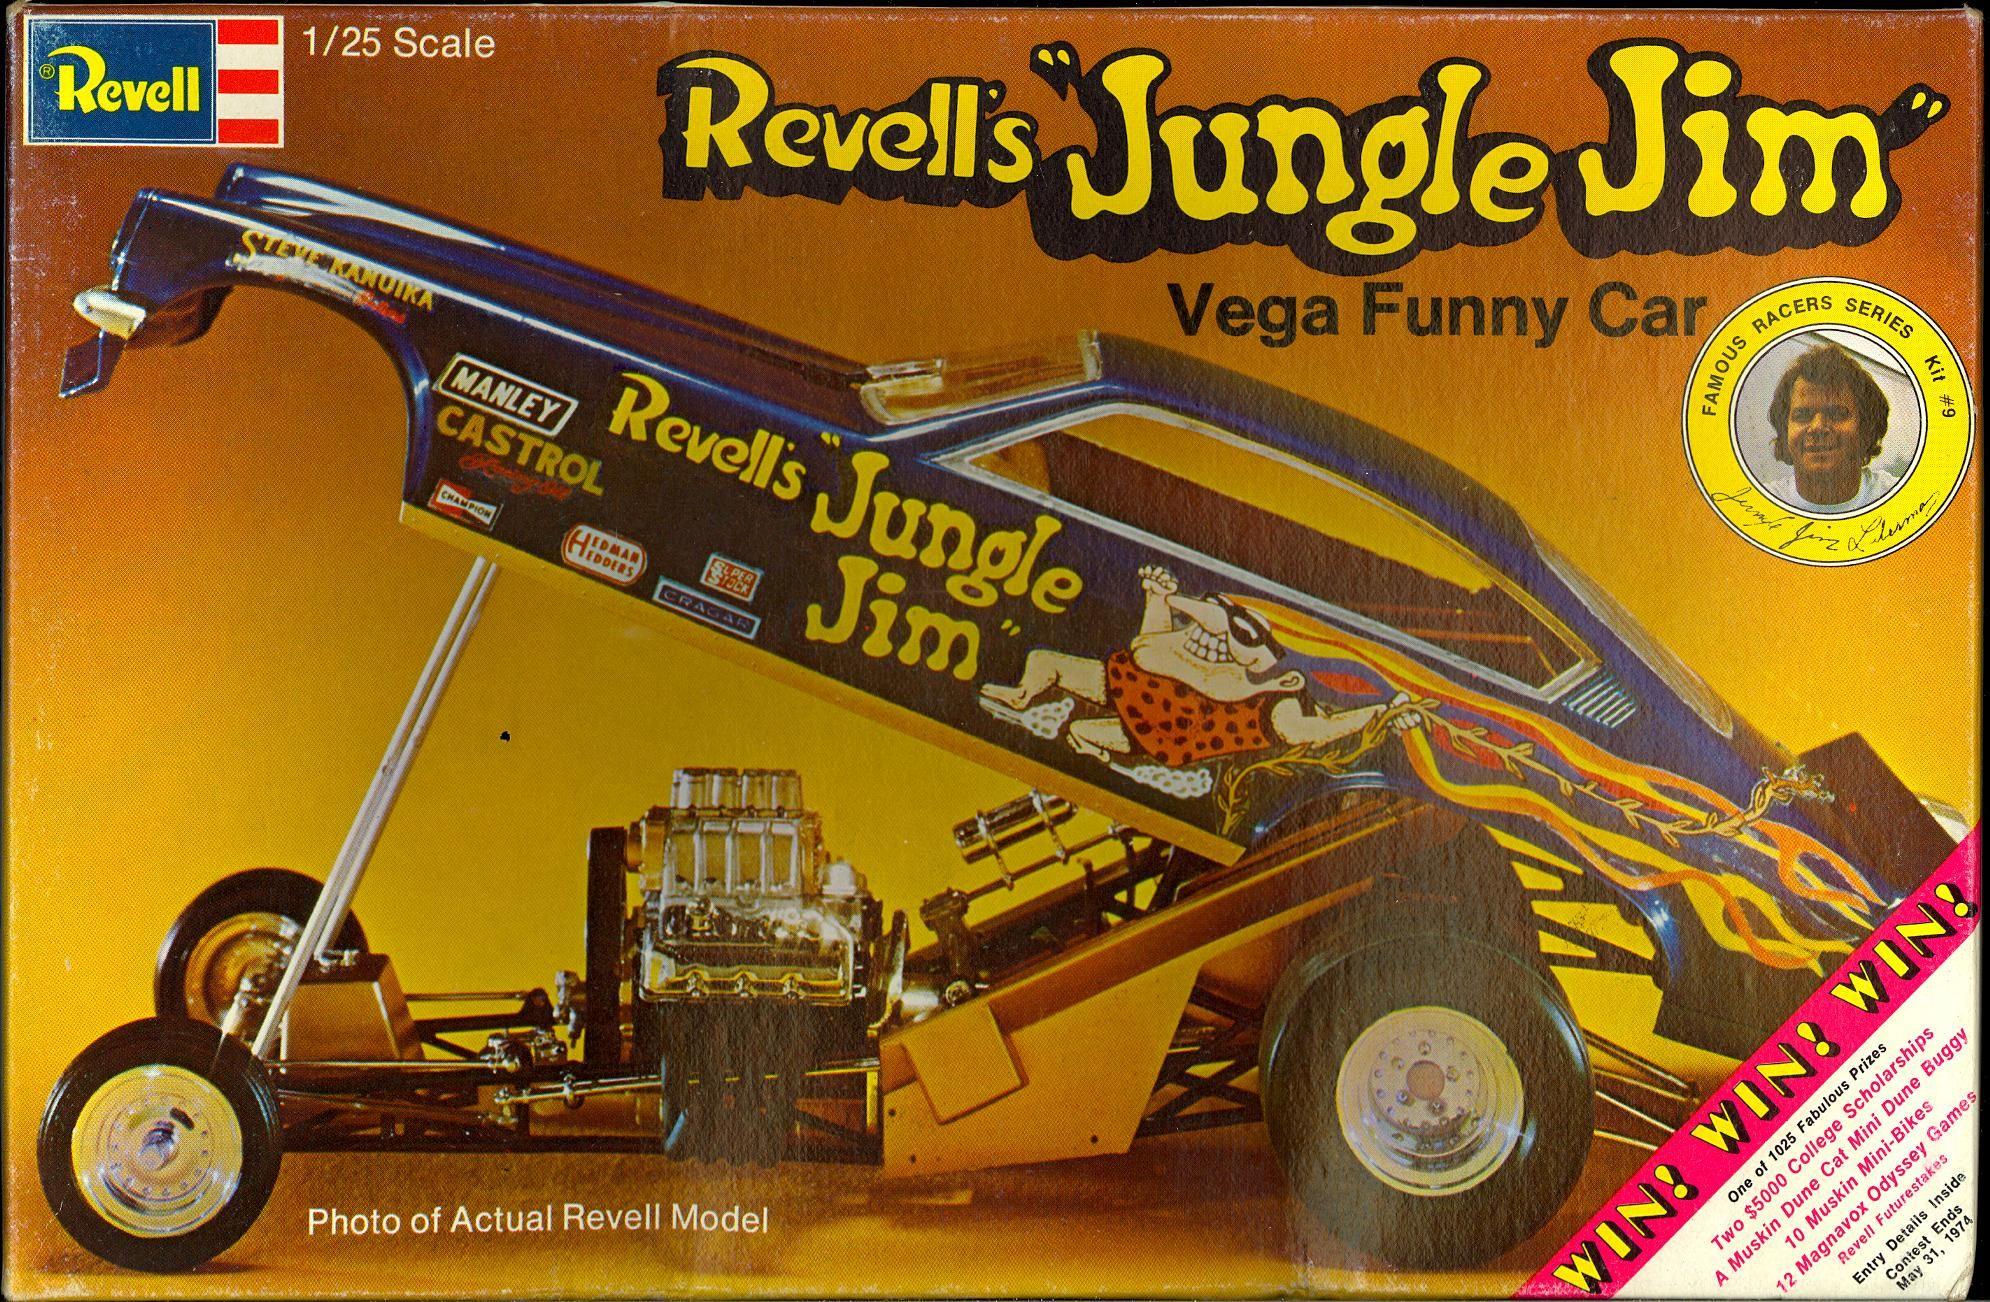 Revell's jungle jim vega plastic model | 1973 Revell Models